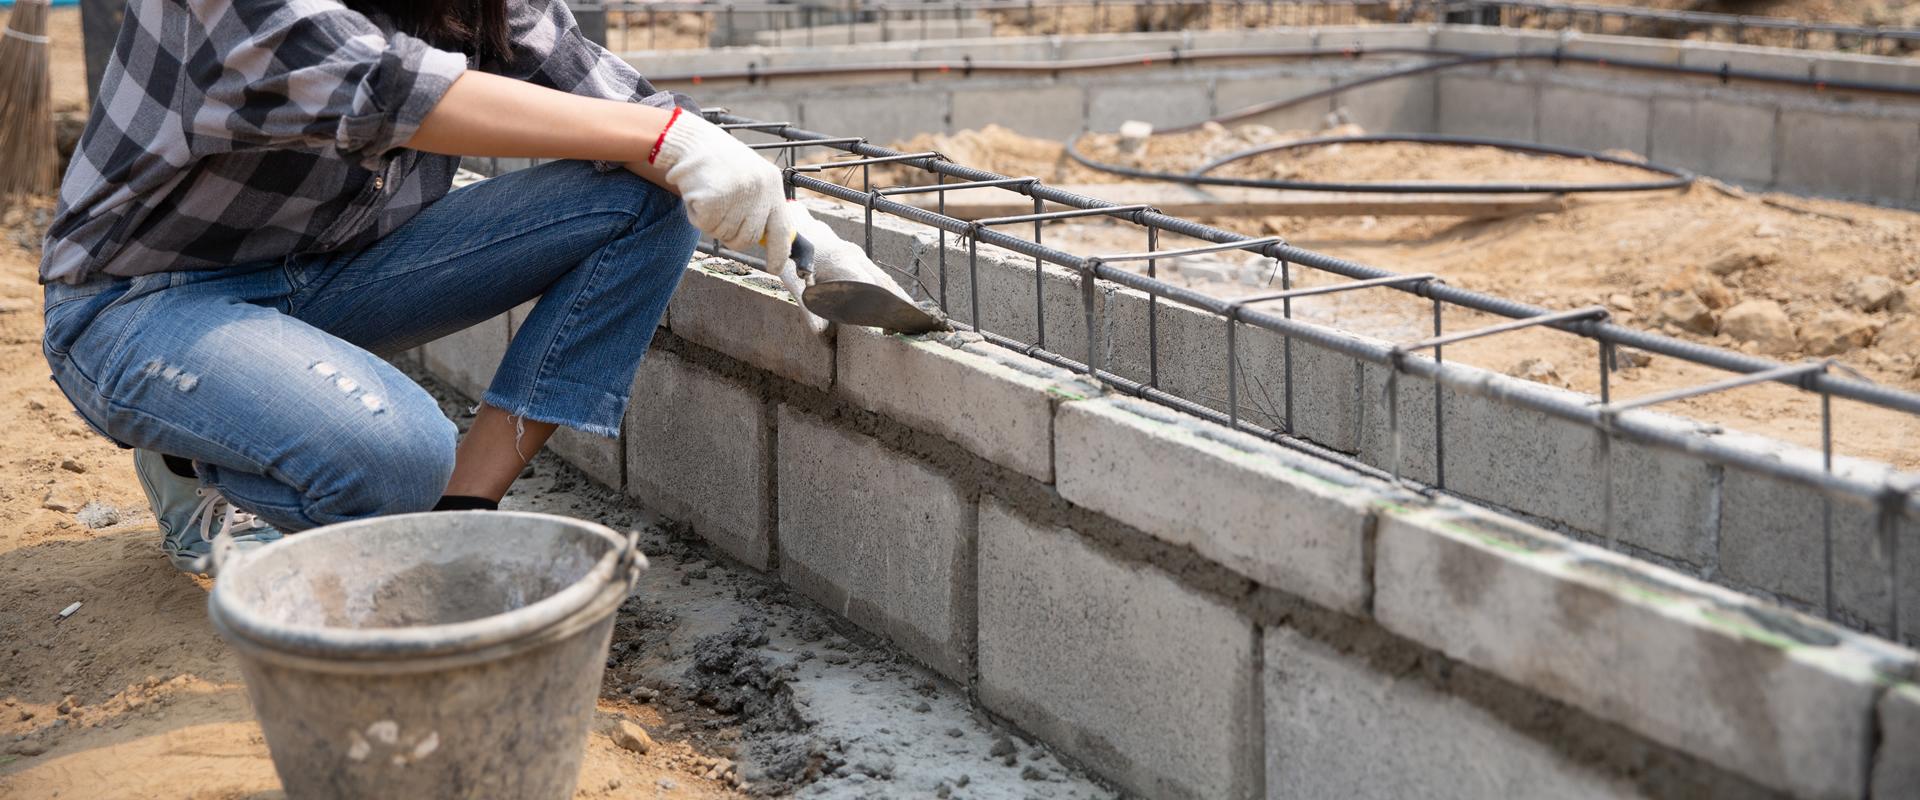 屏東泥作工程-屏東抿石子及洗石子-屏東房屋修繕-屏東浴室裝修